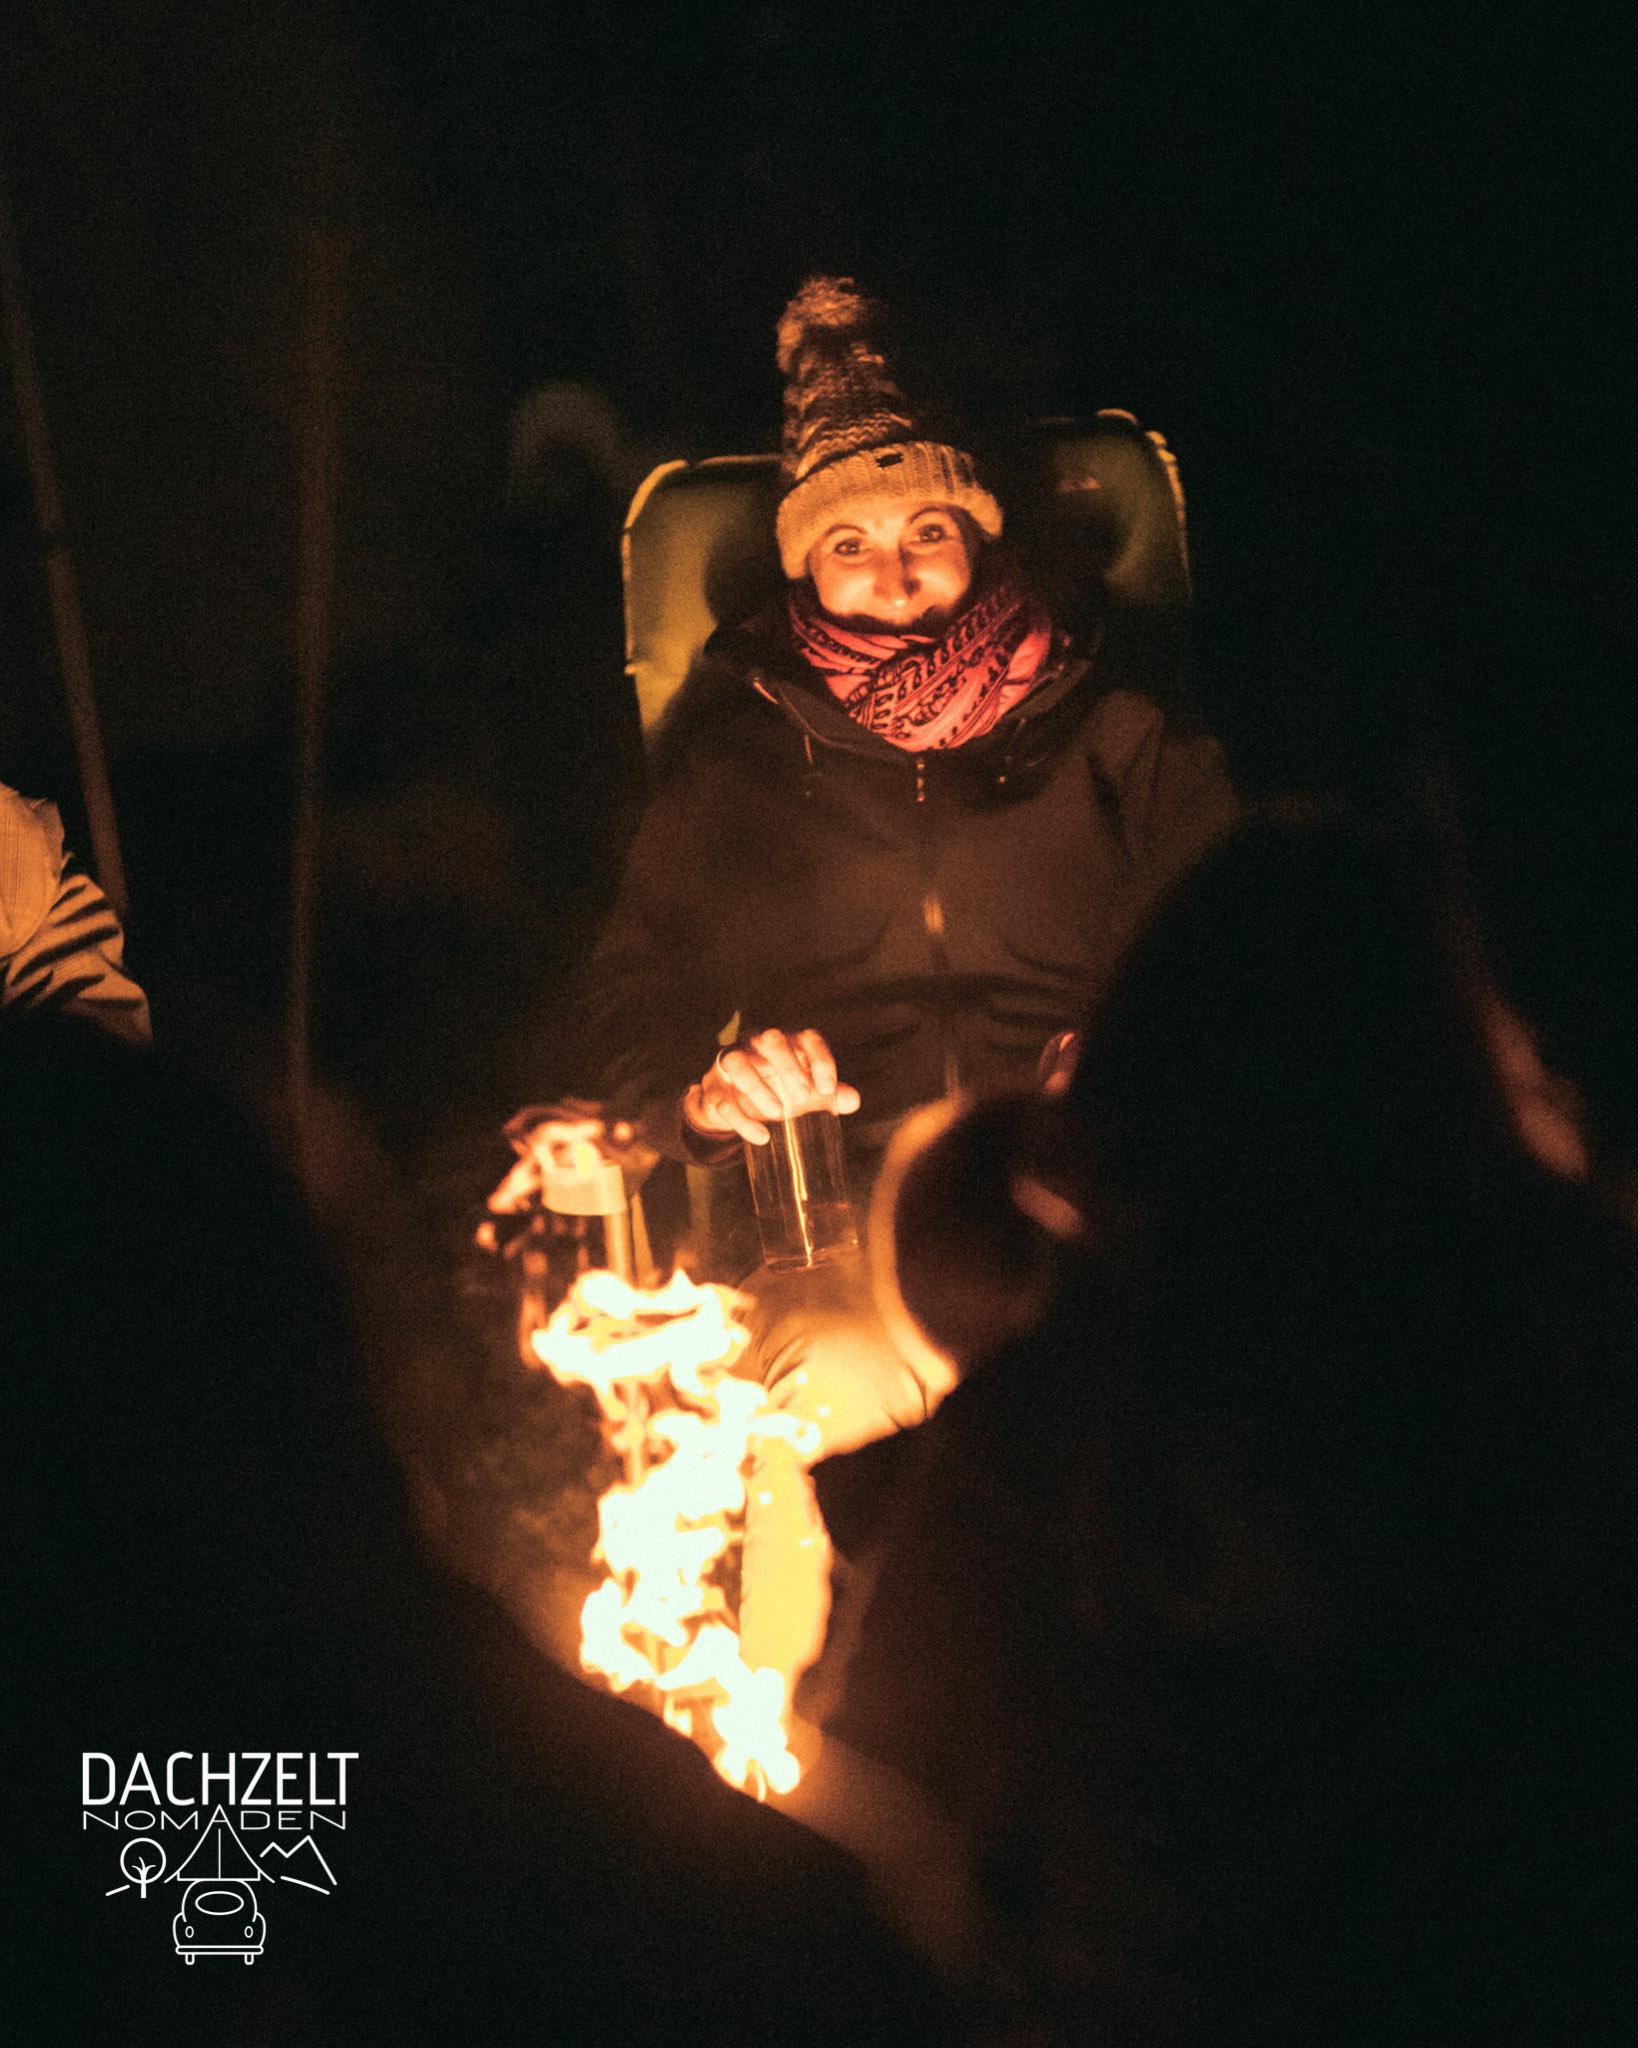 20191003-Dachzelt-Meetup-Hamburg-Dennis-Brandt- DB 0938